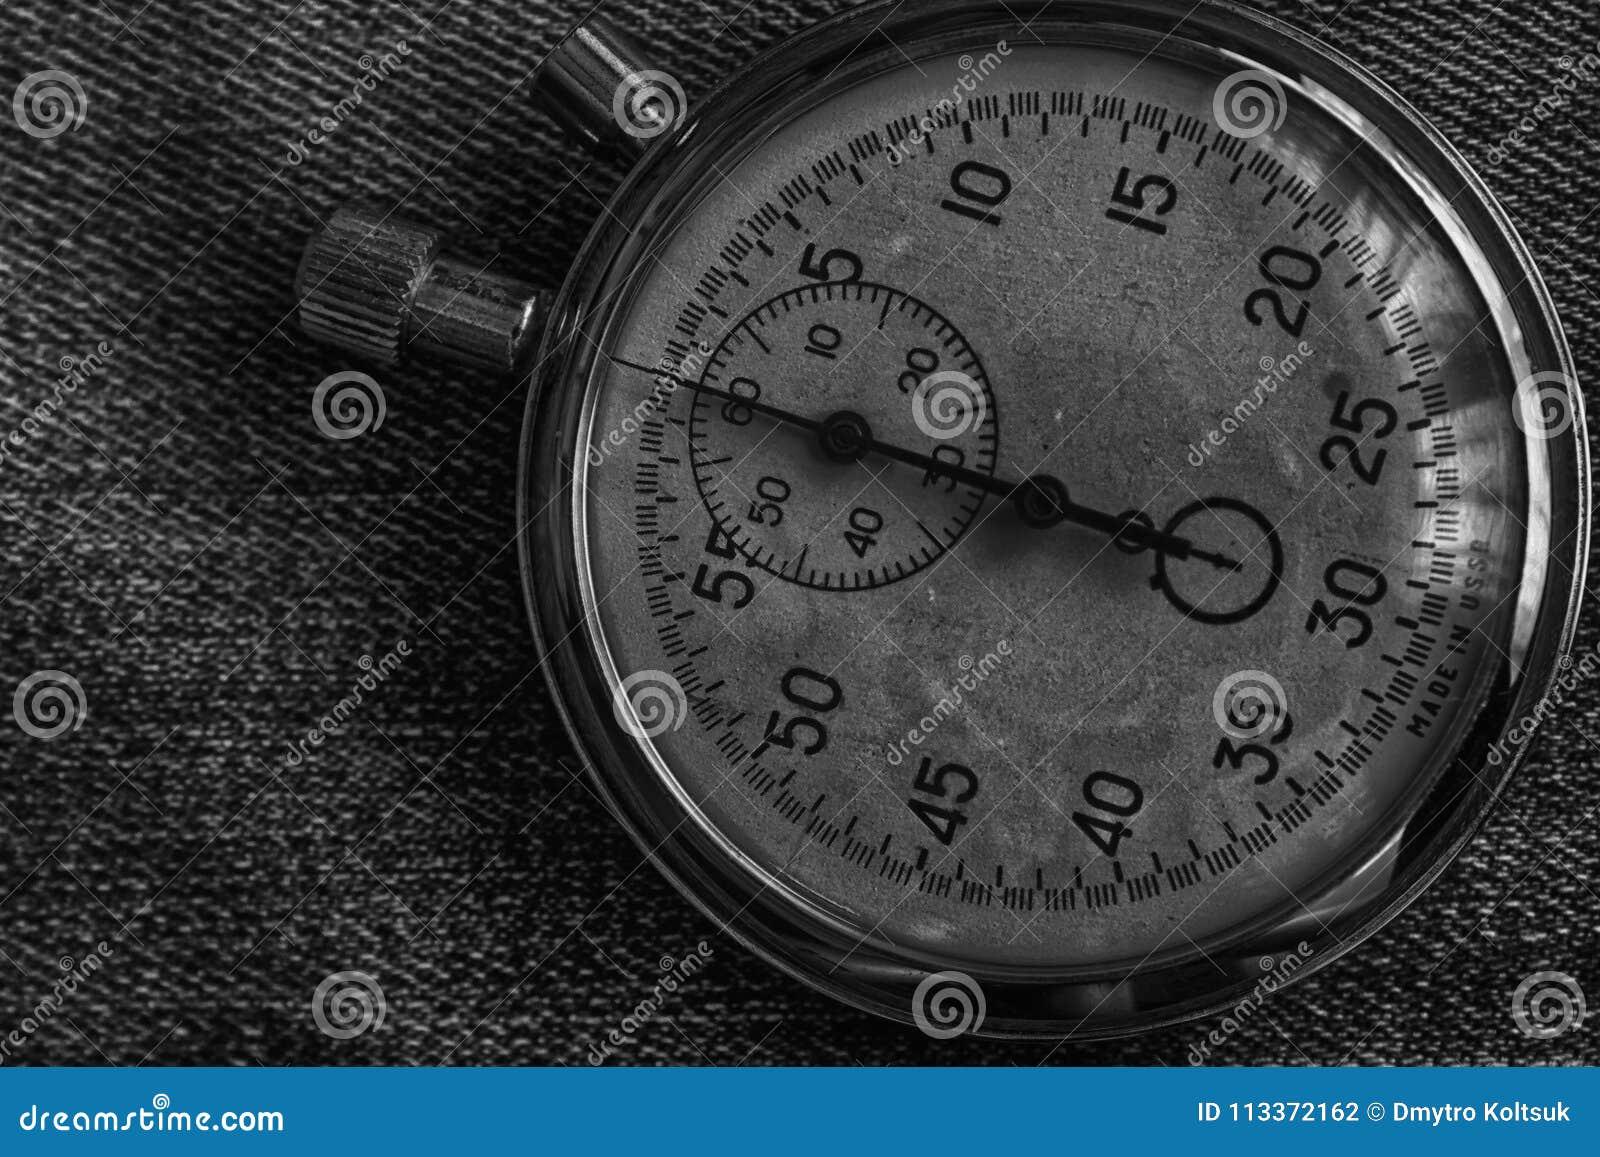 在破旧的牛仔裤背景,价值措施时间、老时钟箭头分钟和第二个准确性定时器纪录的秒表